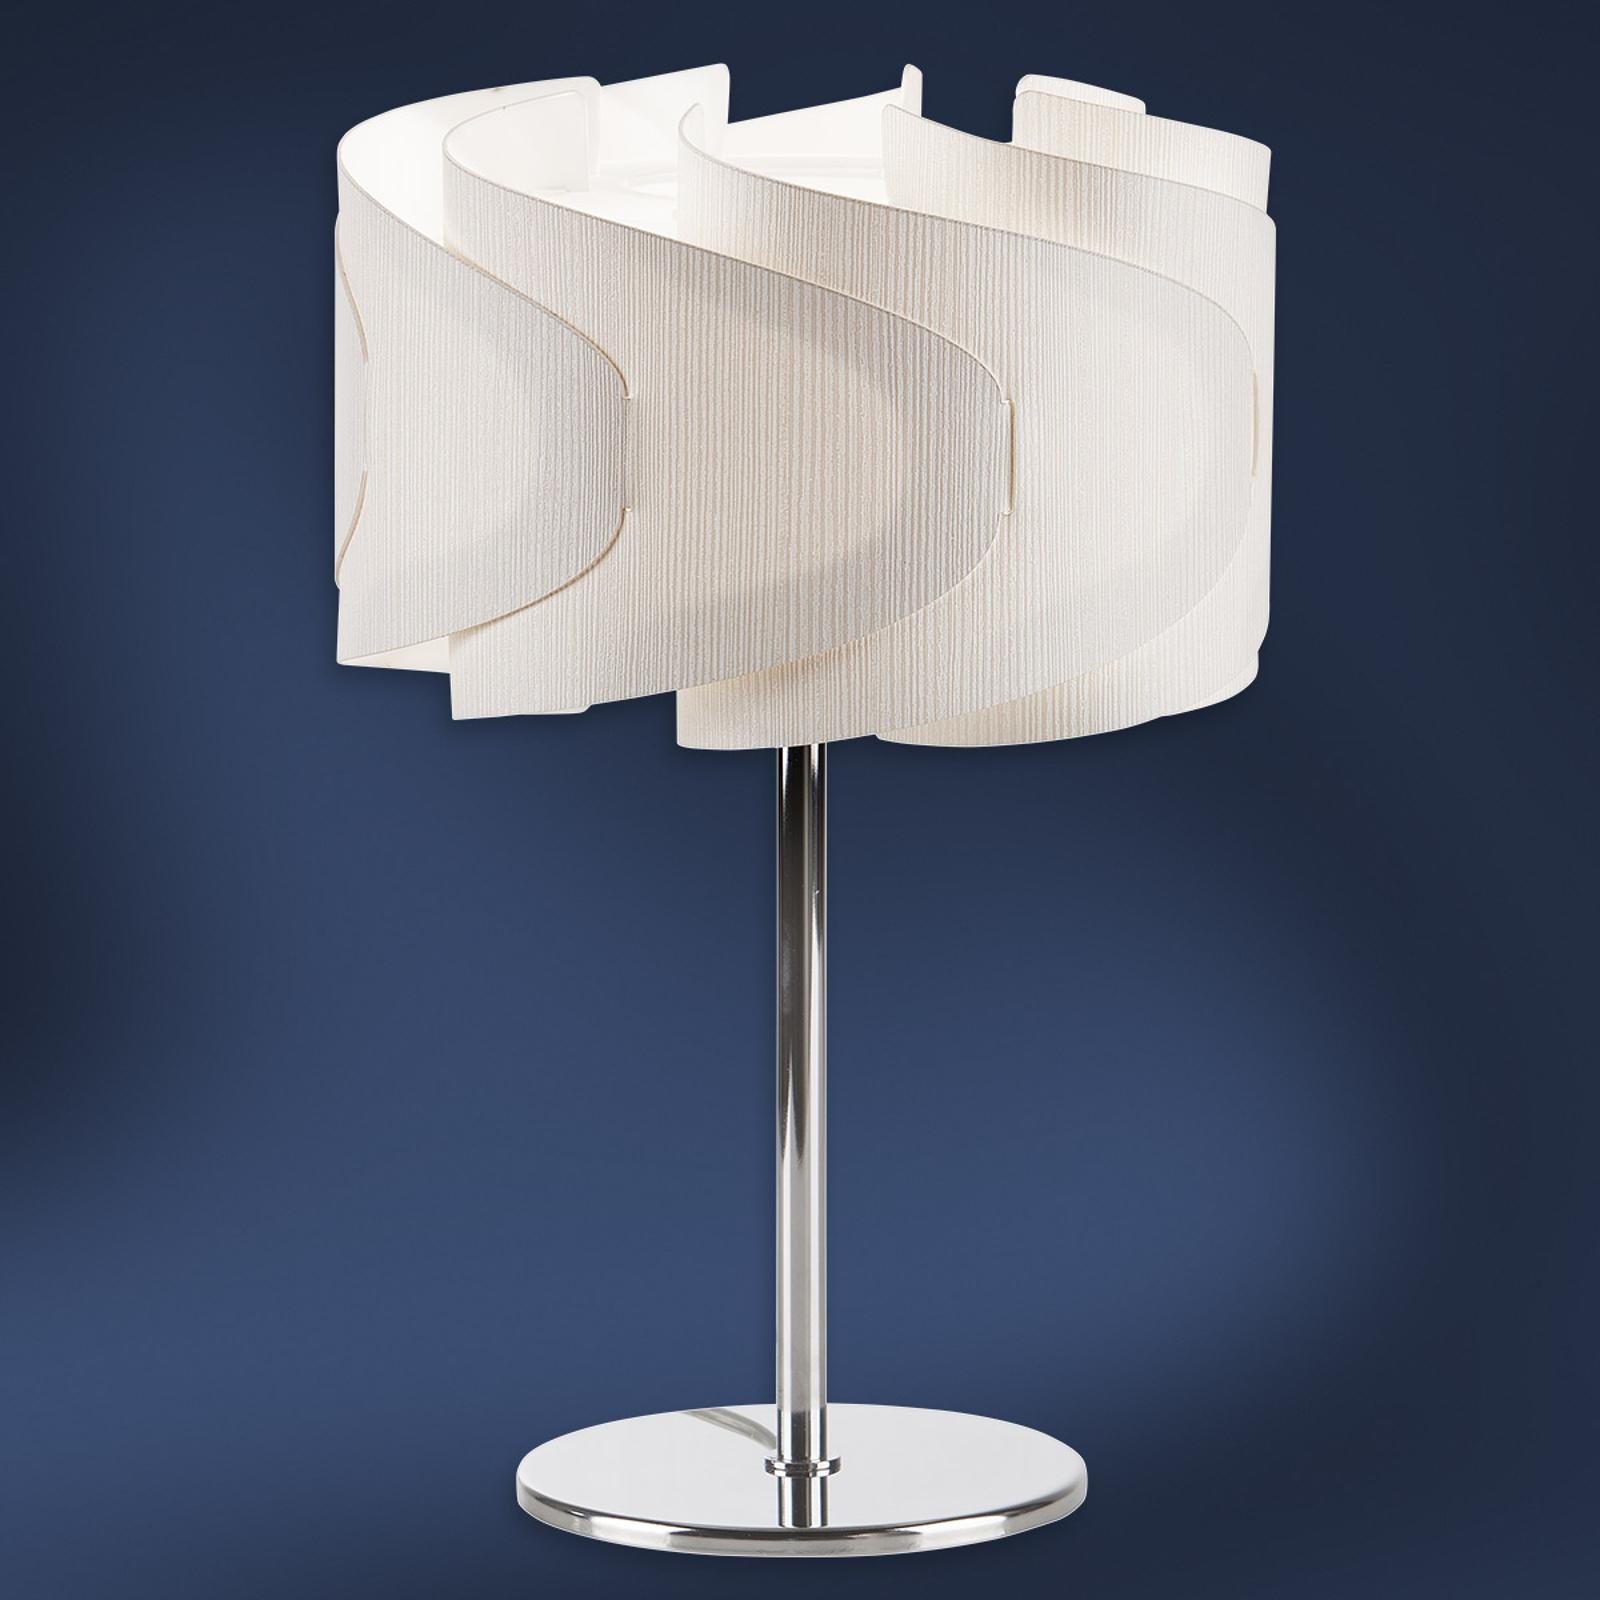 Lumetto Ellix bordlampe i treaktig utseende